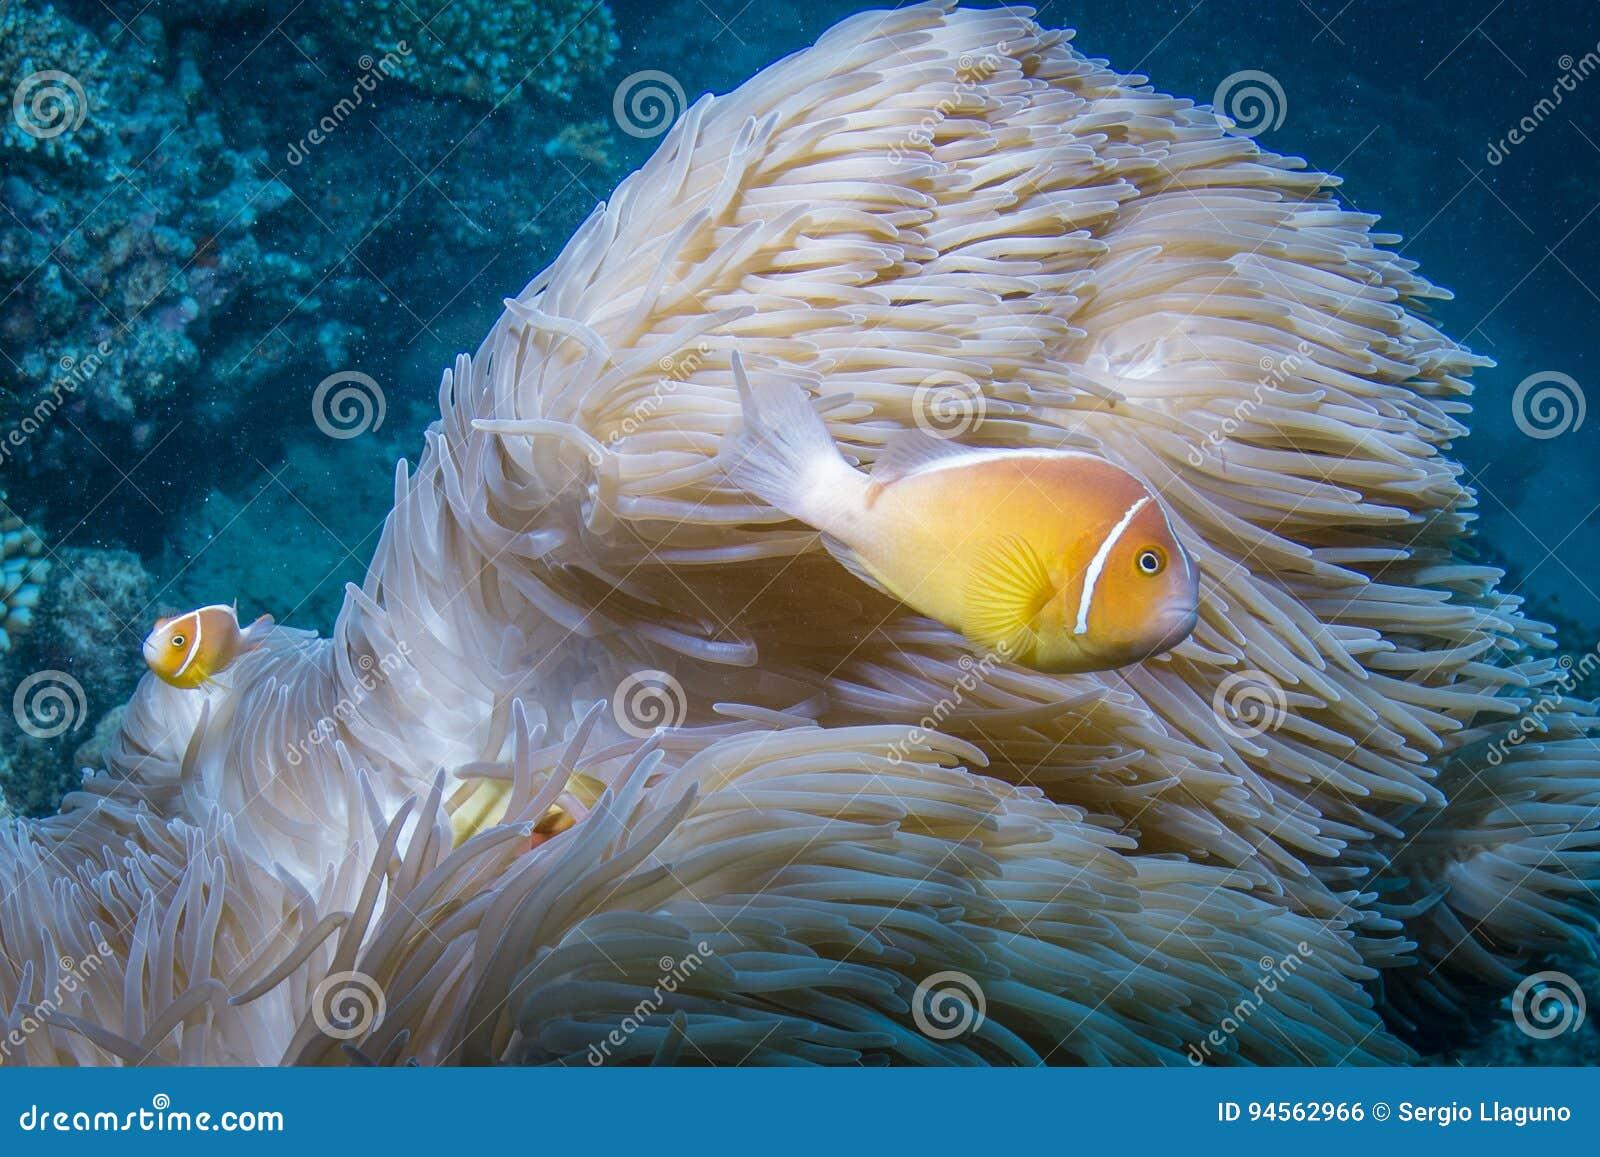 Anemonefish rose